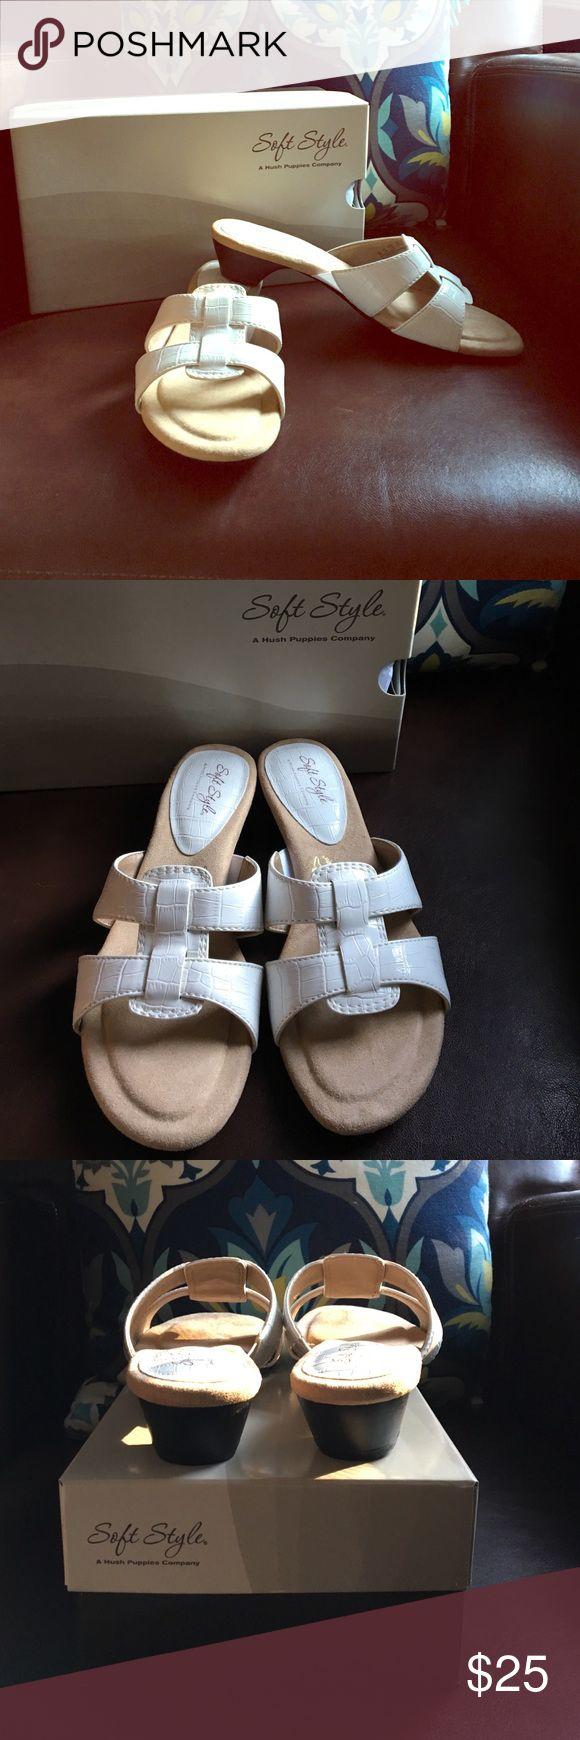 SALEHush Puppies Soft Style Sandals sz 9 NIB white Ellery Hush Puppies Soft Style slides. Hush Puppies Shoes Sandals